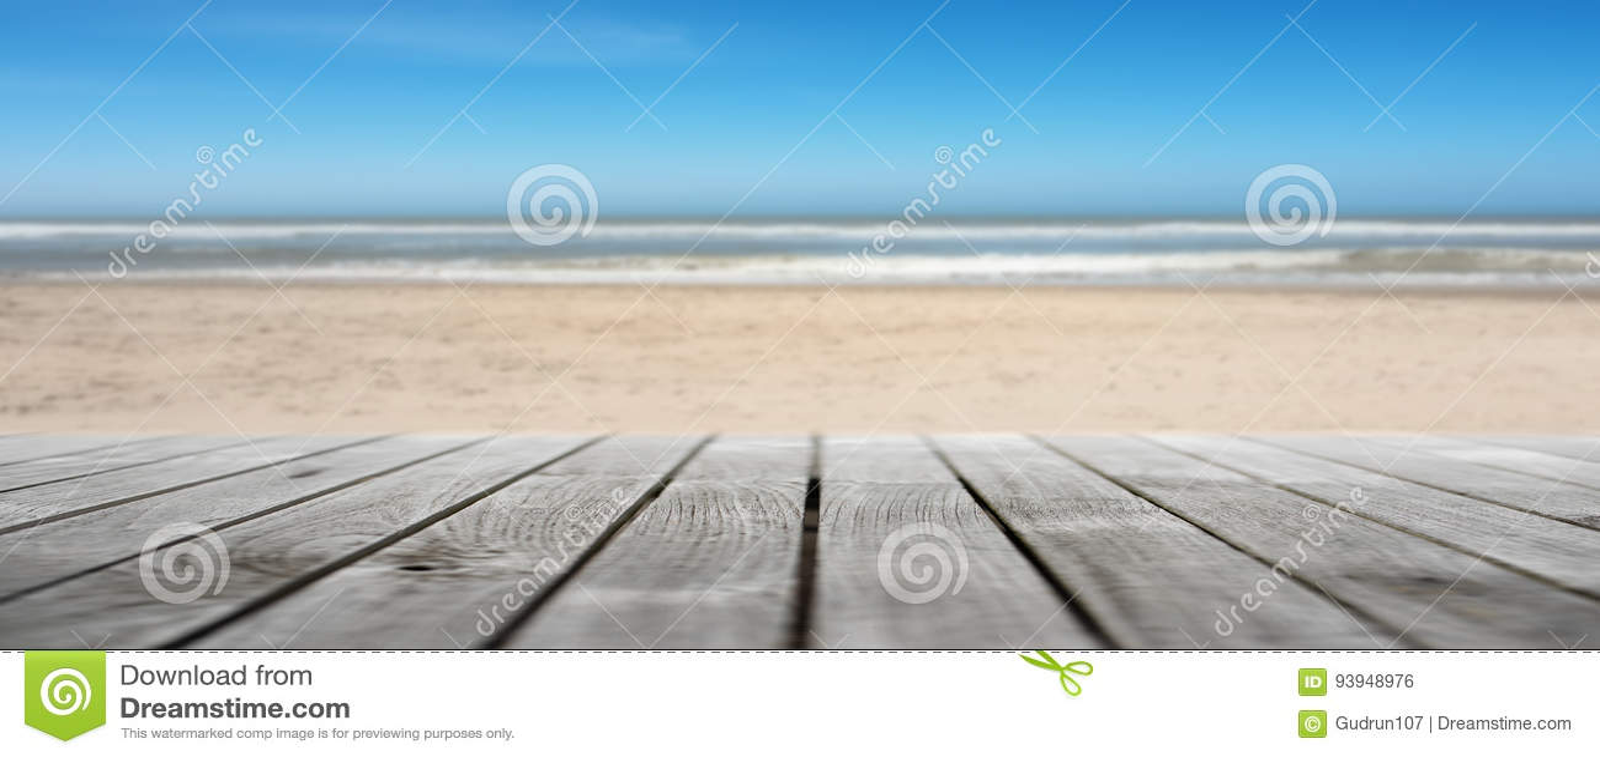 Terraza De Madera En Una Playa Vacía Foto De Archivo